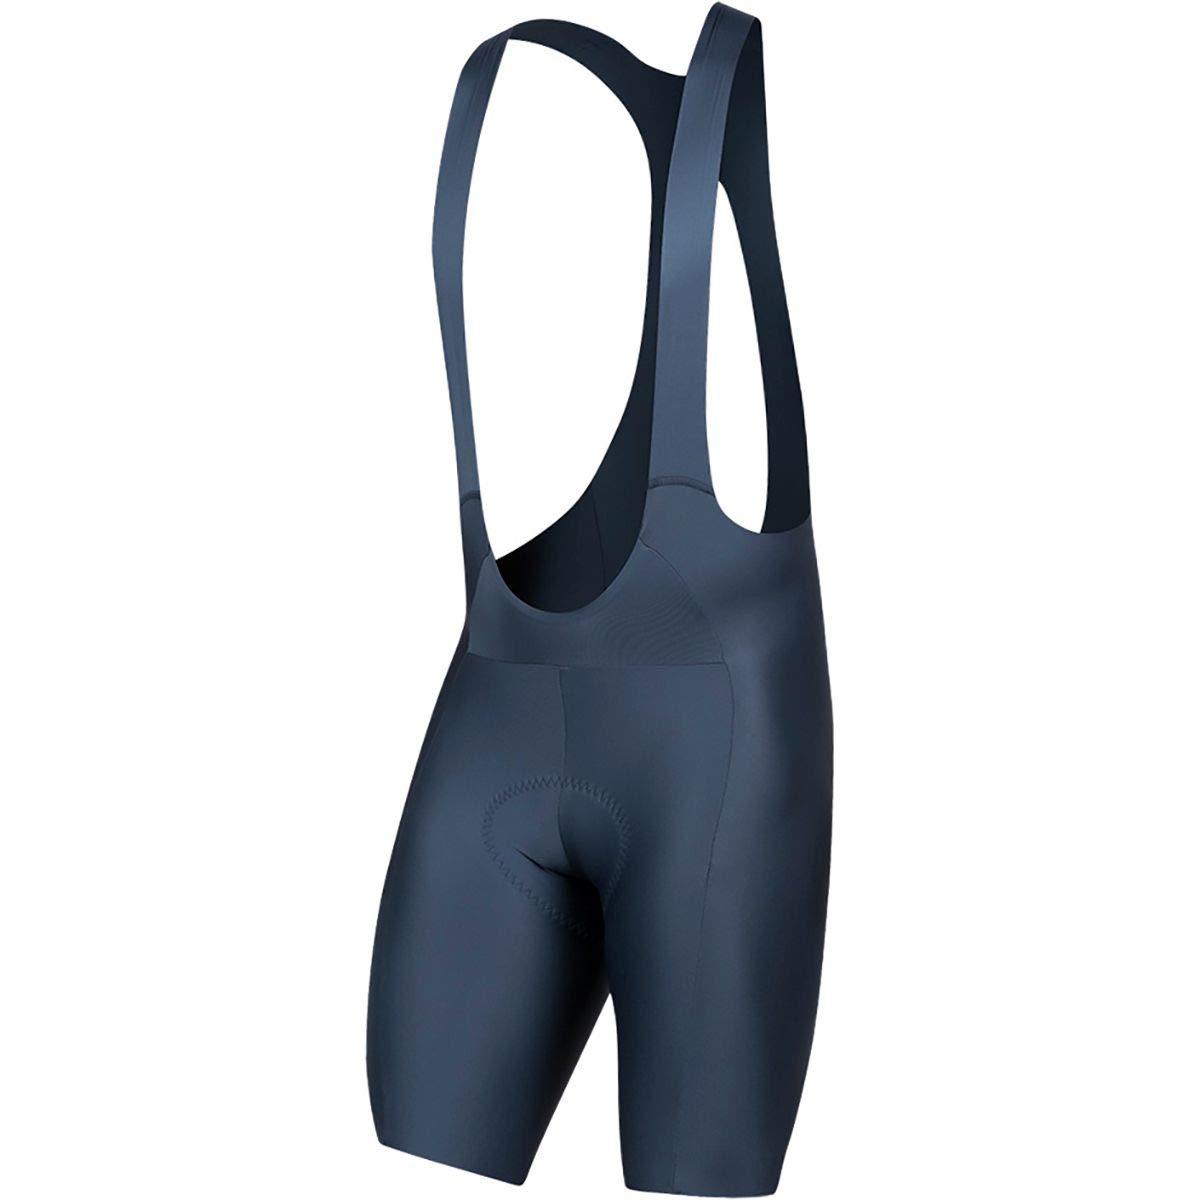 驚きの価格 [パールイズミ] メンズ サイクリング [並行輸入品] Pro Bib Shorts Shorts [並行輸入品] サイクリング M B07P41HDMK, フジコウ(本革 カシミヤ ダウン):7525459b --- arianechie.dominiotemporario.com